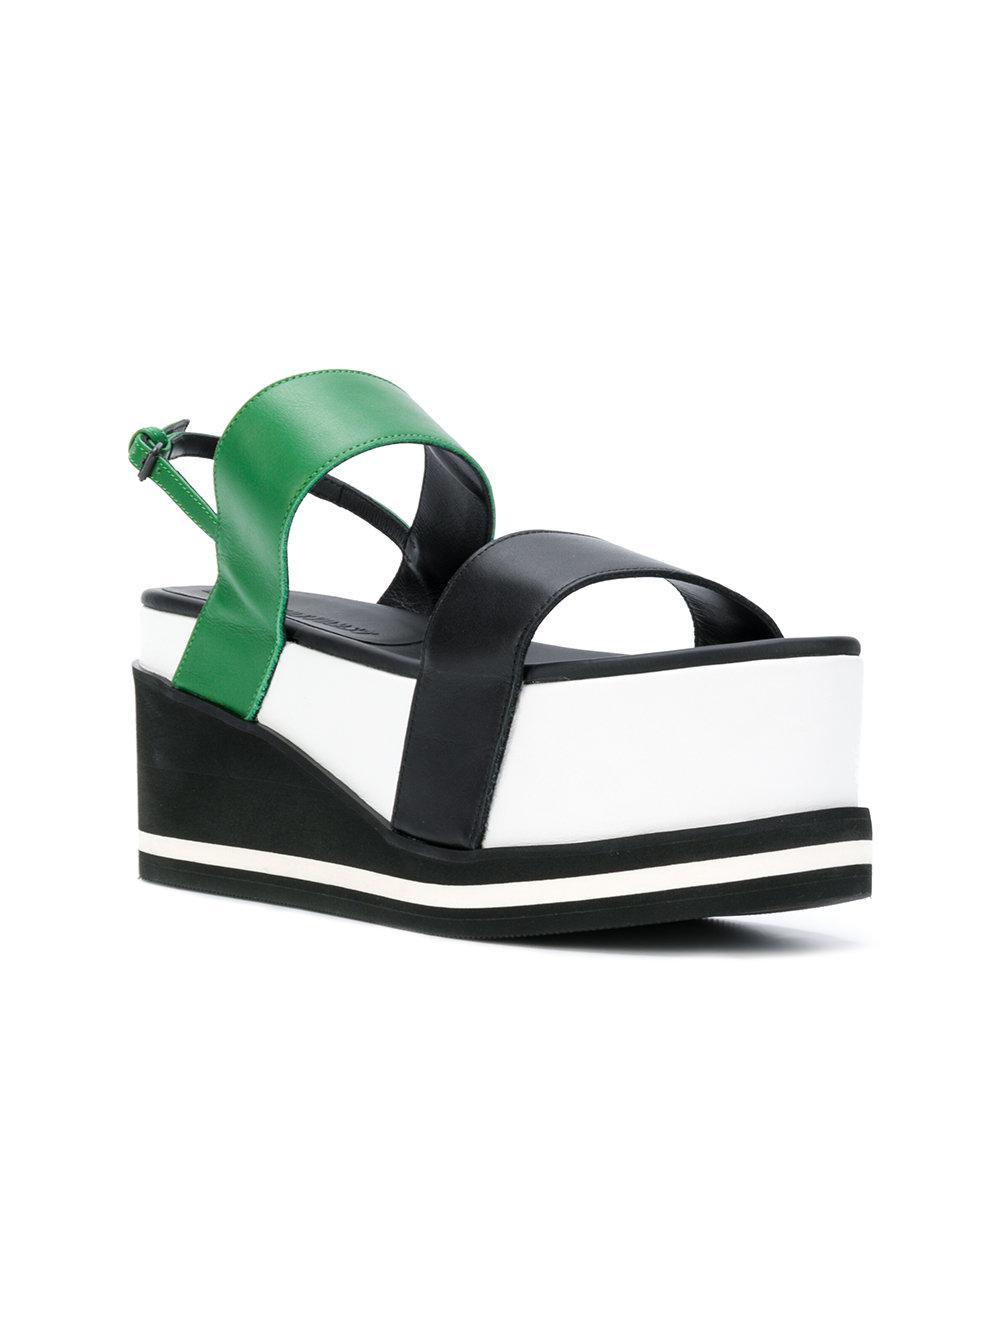 colour block flatform sandals - Multicolour A.F.Vandevorst 4we0CBy